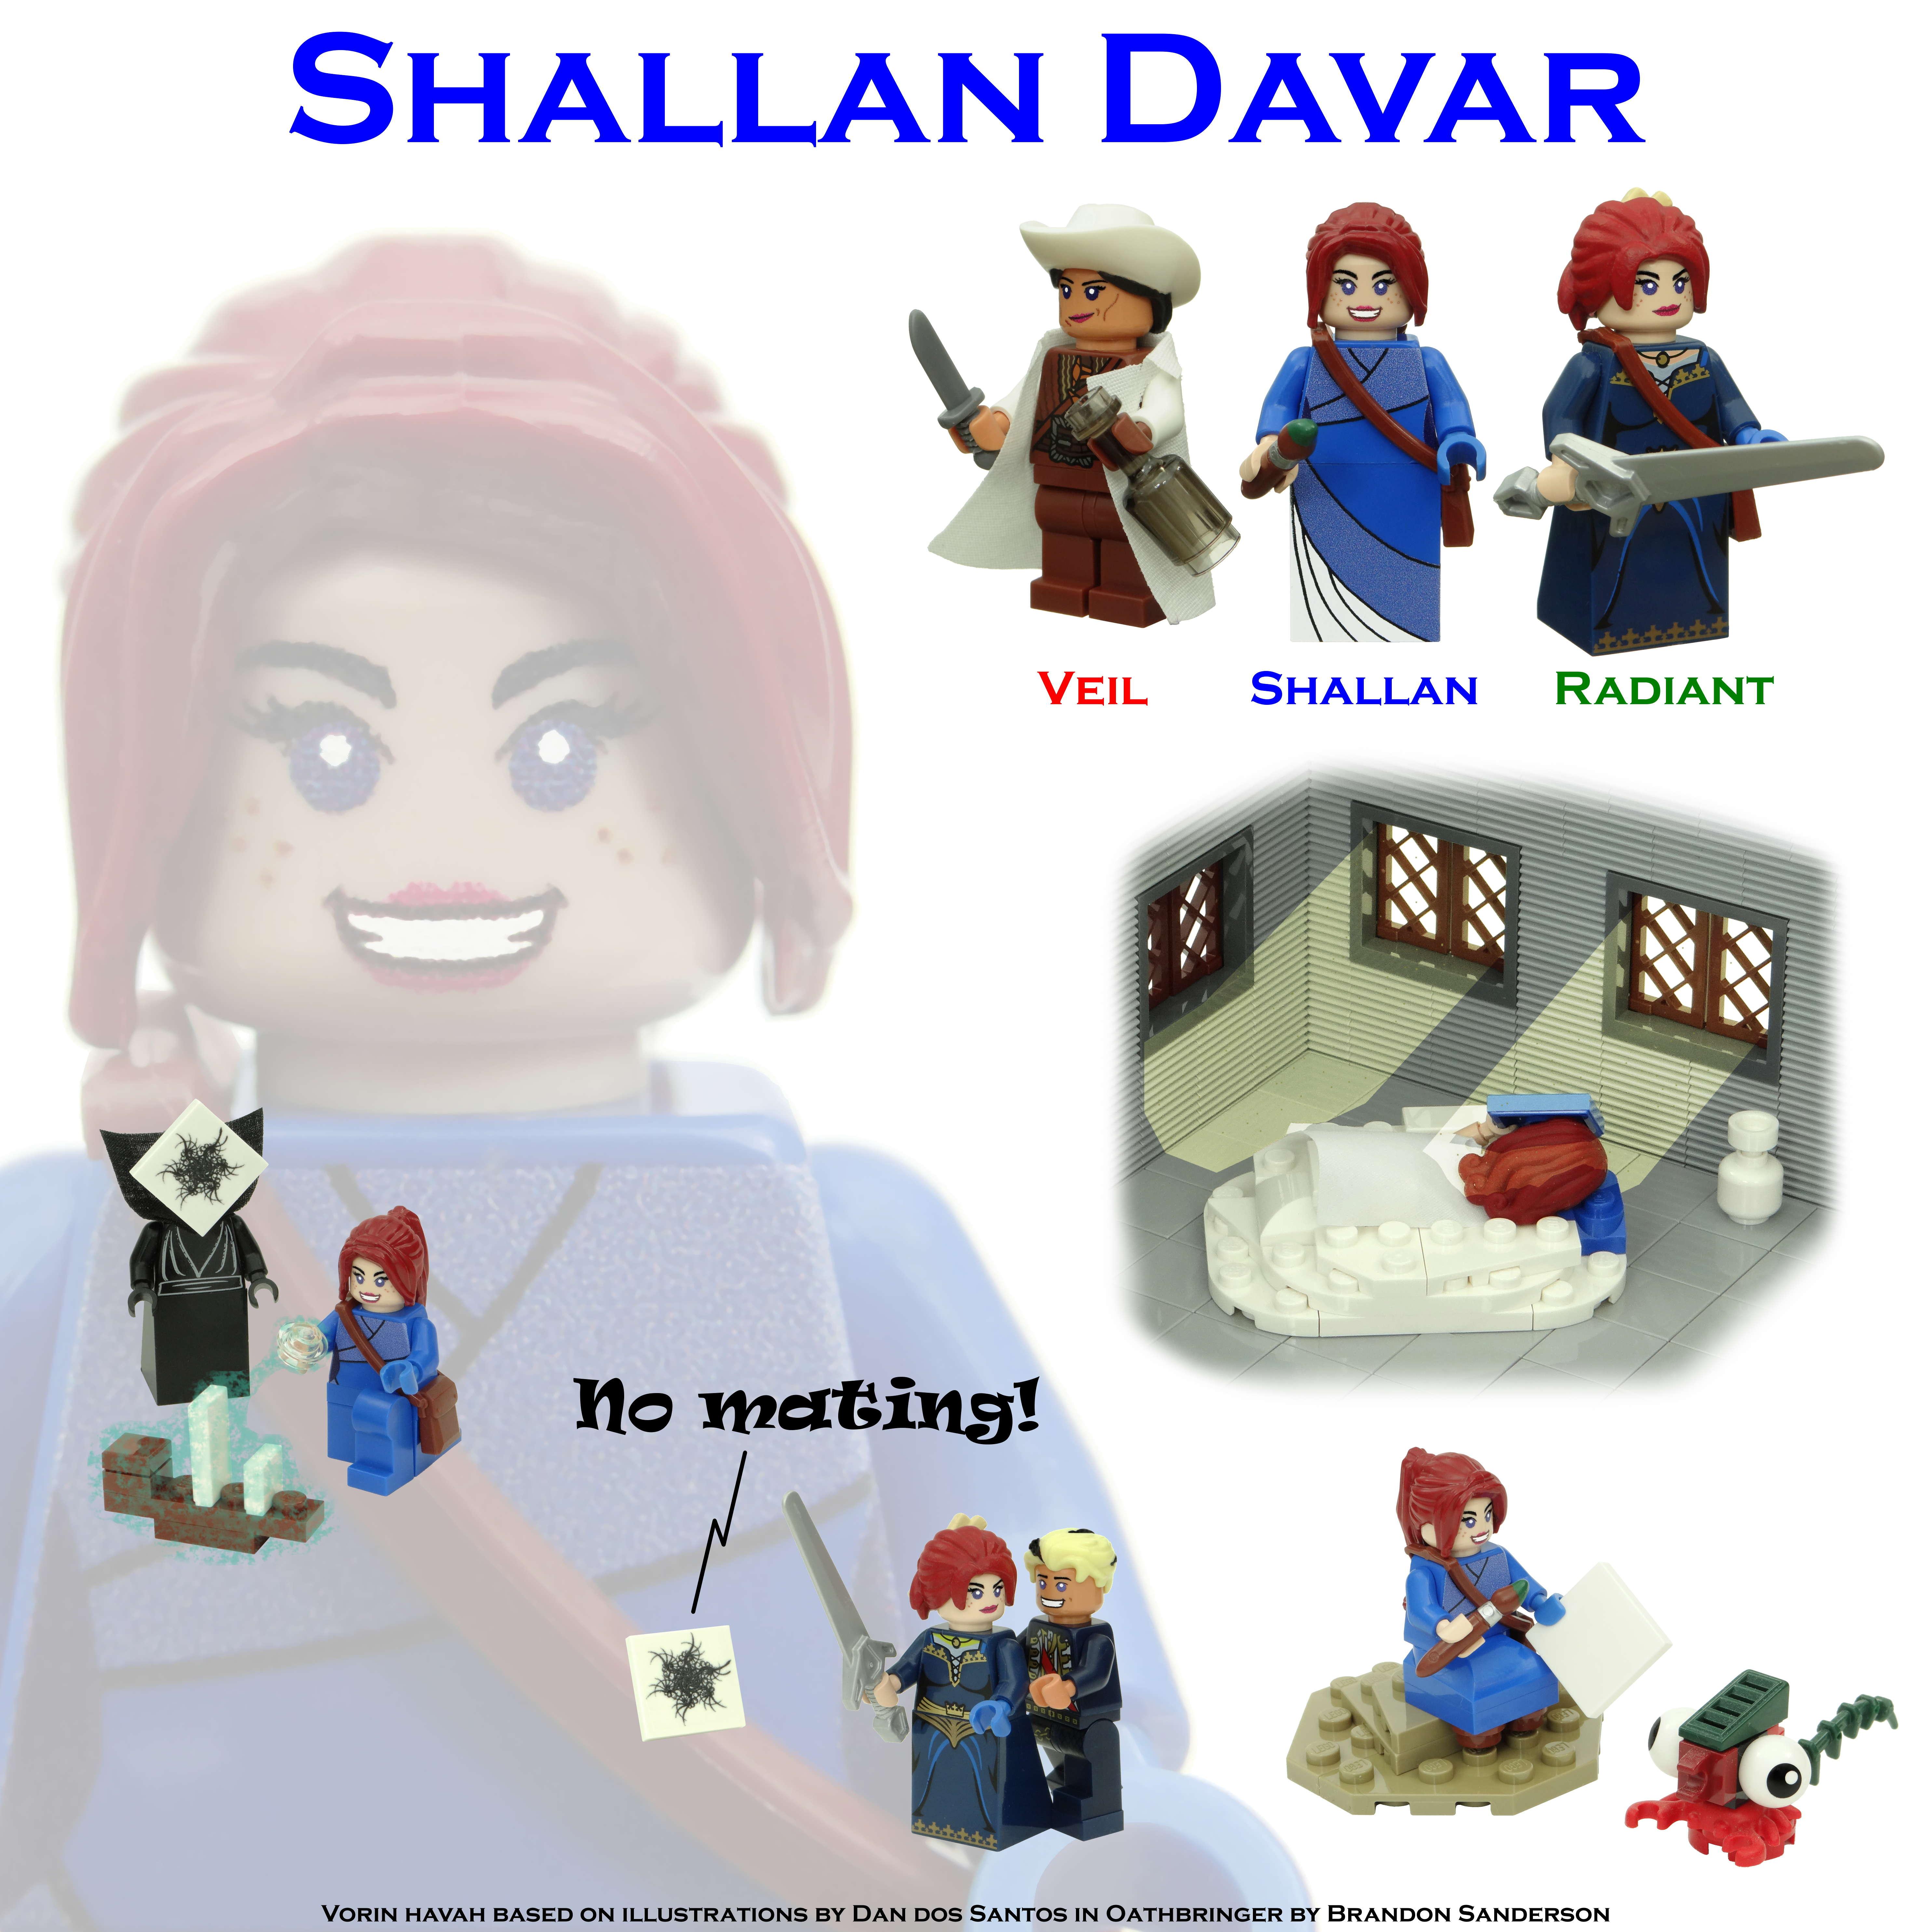 Shallan Davar